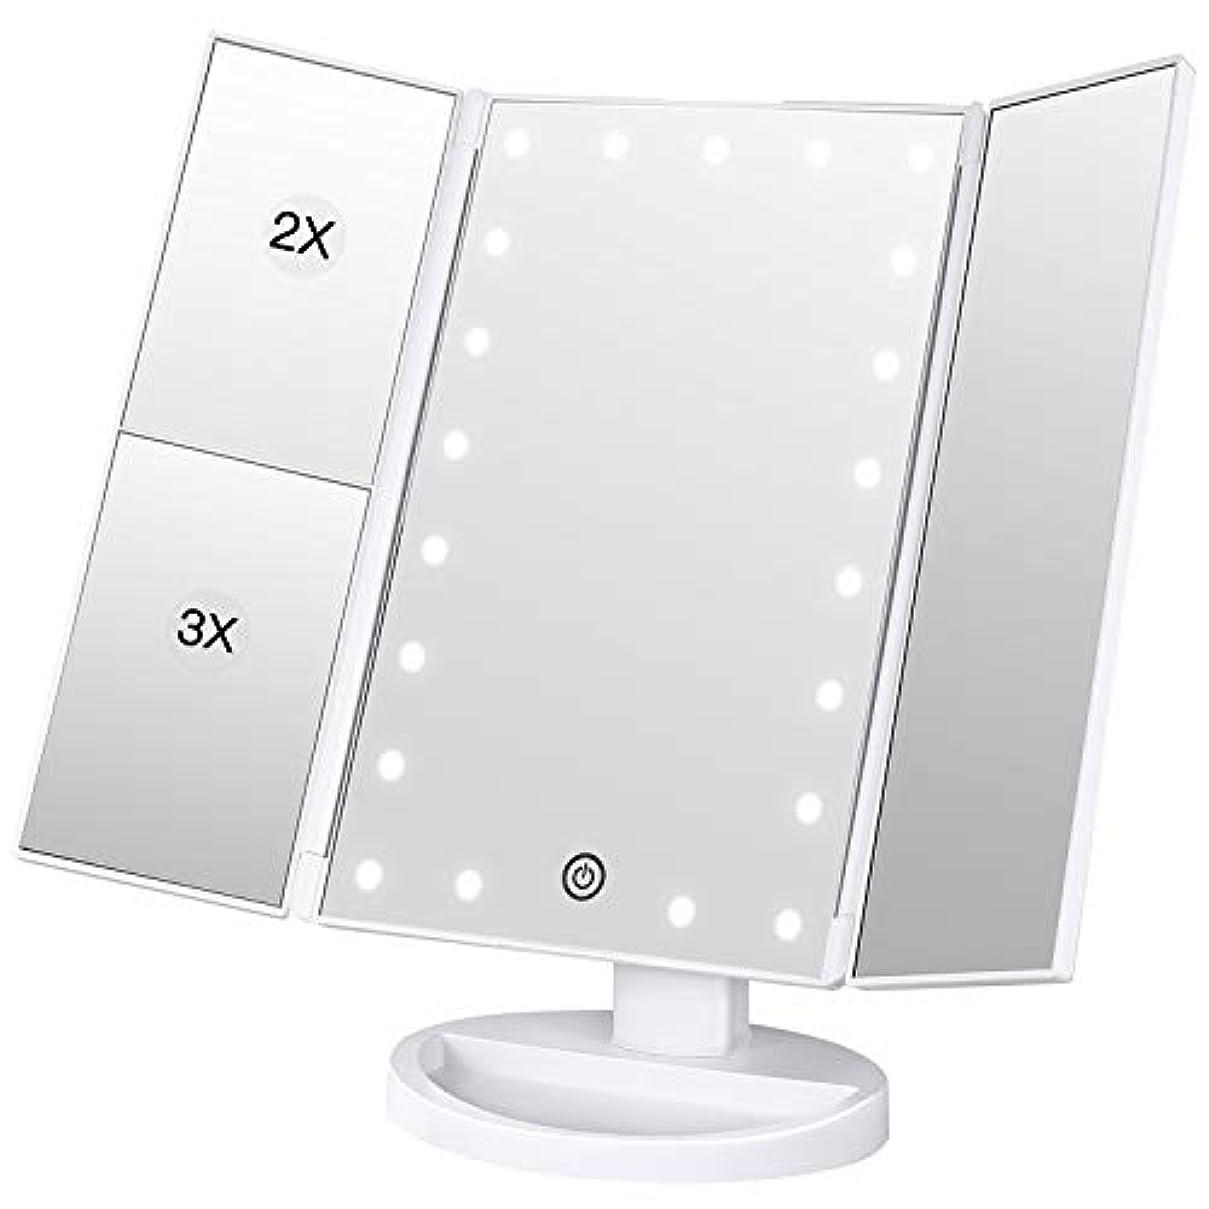 放散するラバショルダーBESTOPE 化粧鏡 化粧ミラー 鏡 三面鏡 女優ミラー 卓上 led付き 折りたたみ 拡大鏡 2&3倍 明るさ調節可能 180°回転 電池&USB 2WAY給電